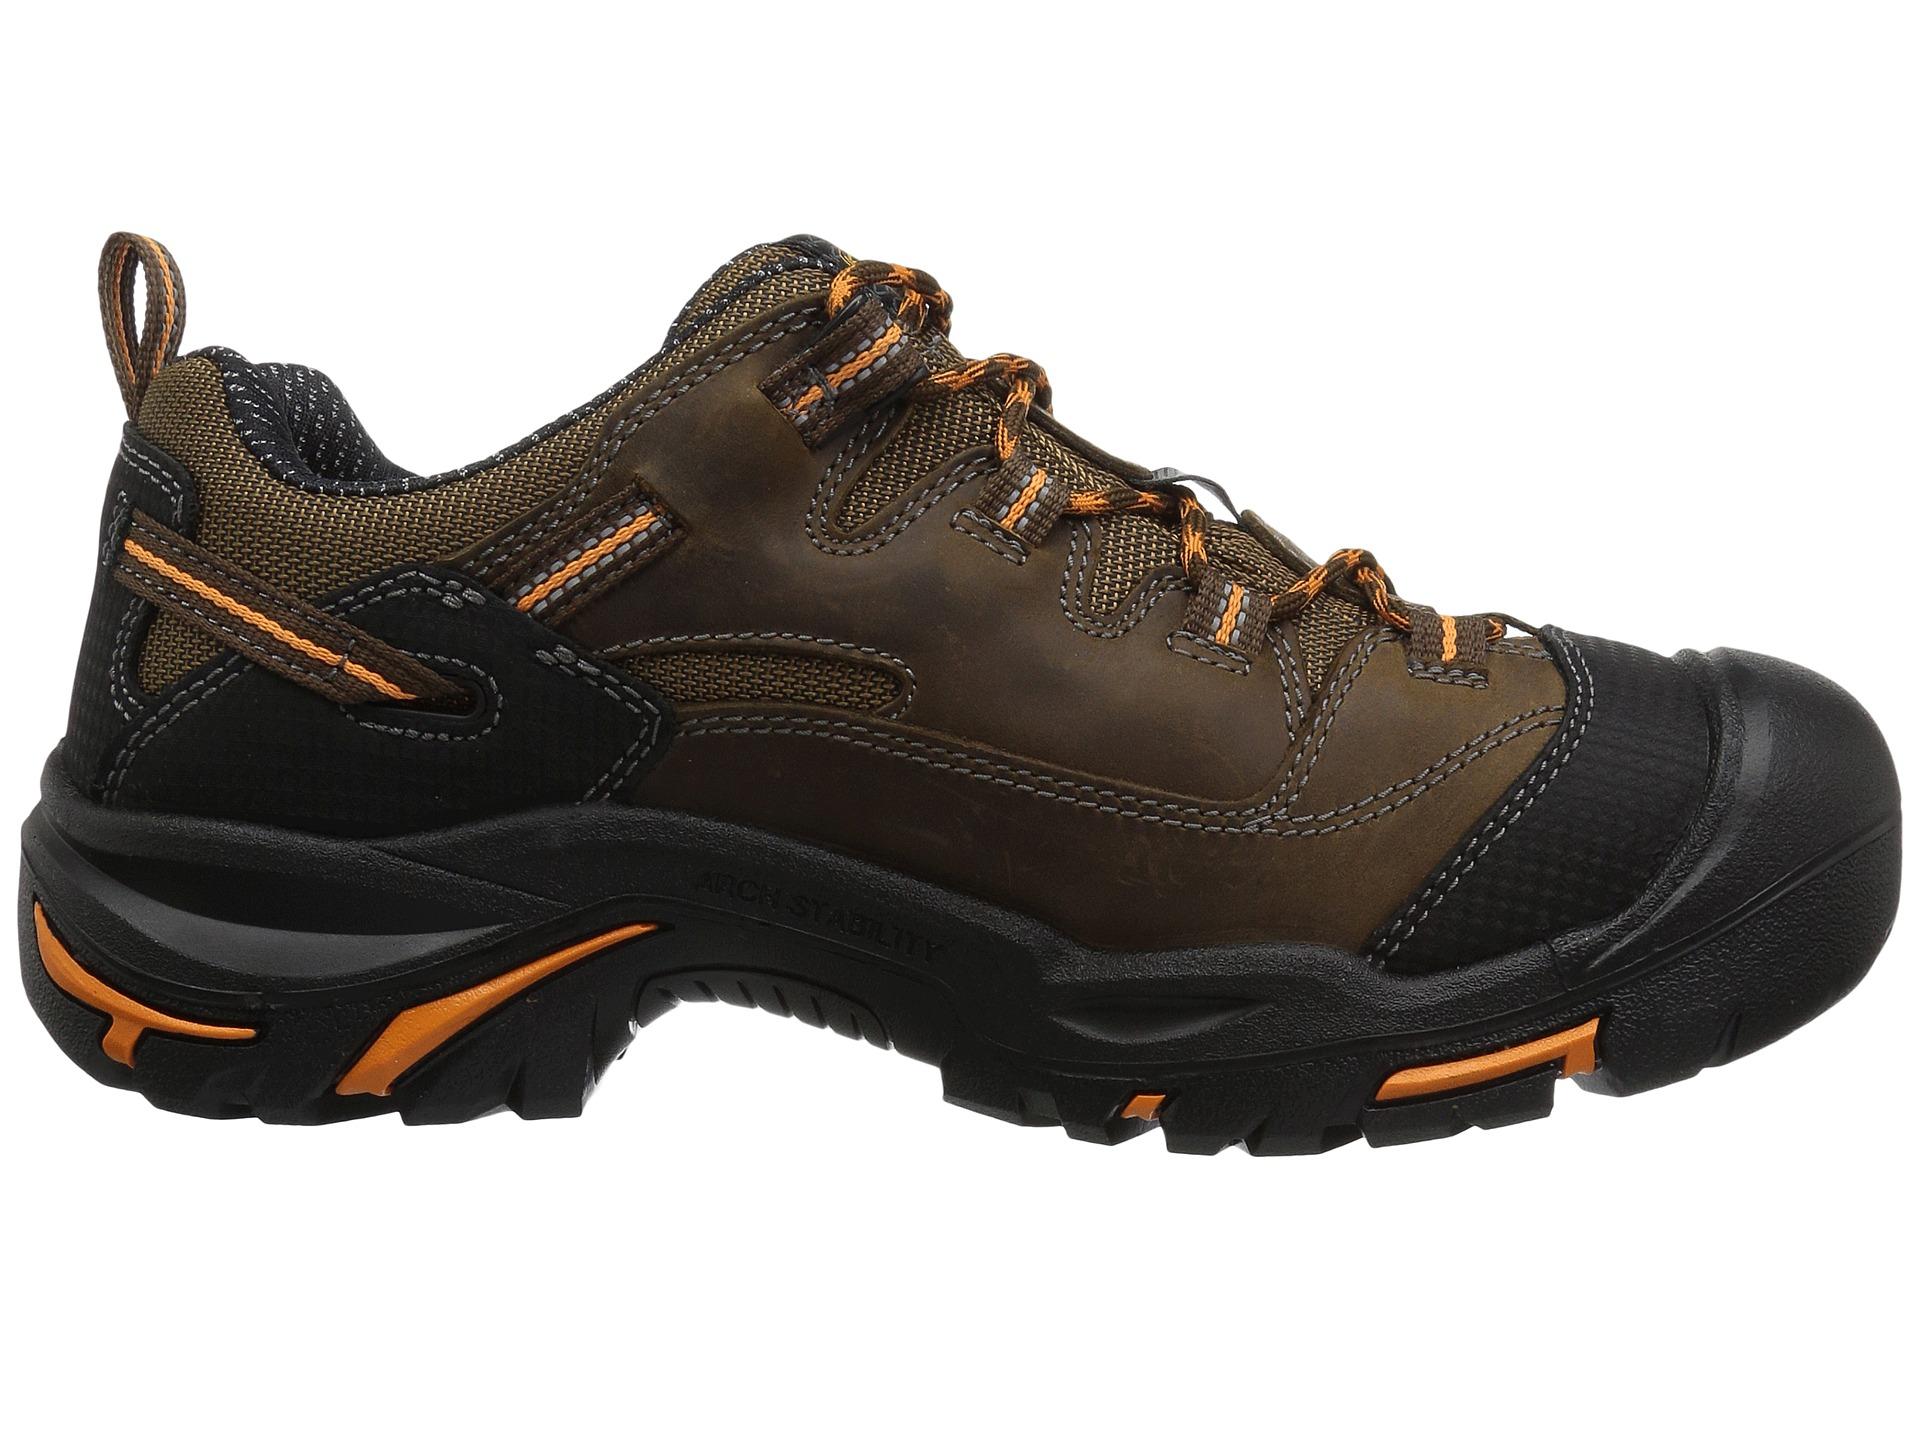 Keen Utility Men S Braddock Low Soft Toe Work Shoe